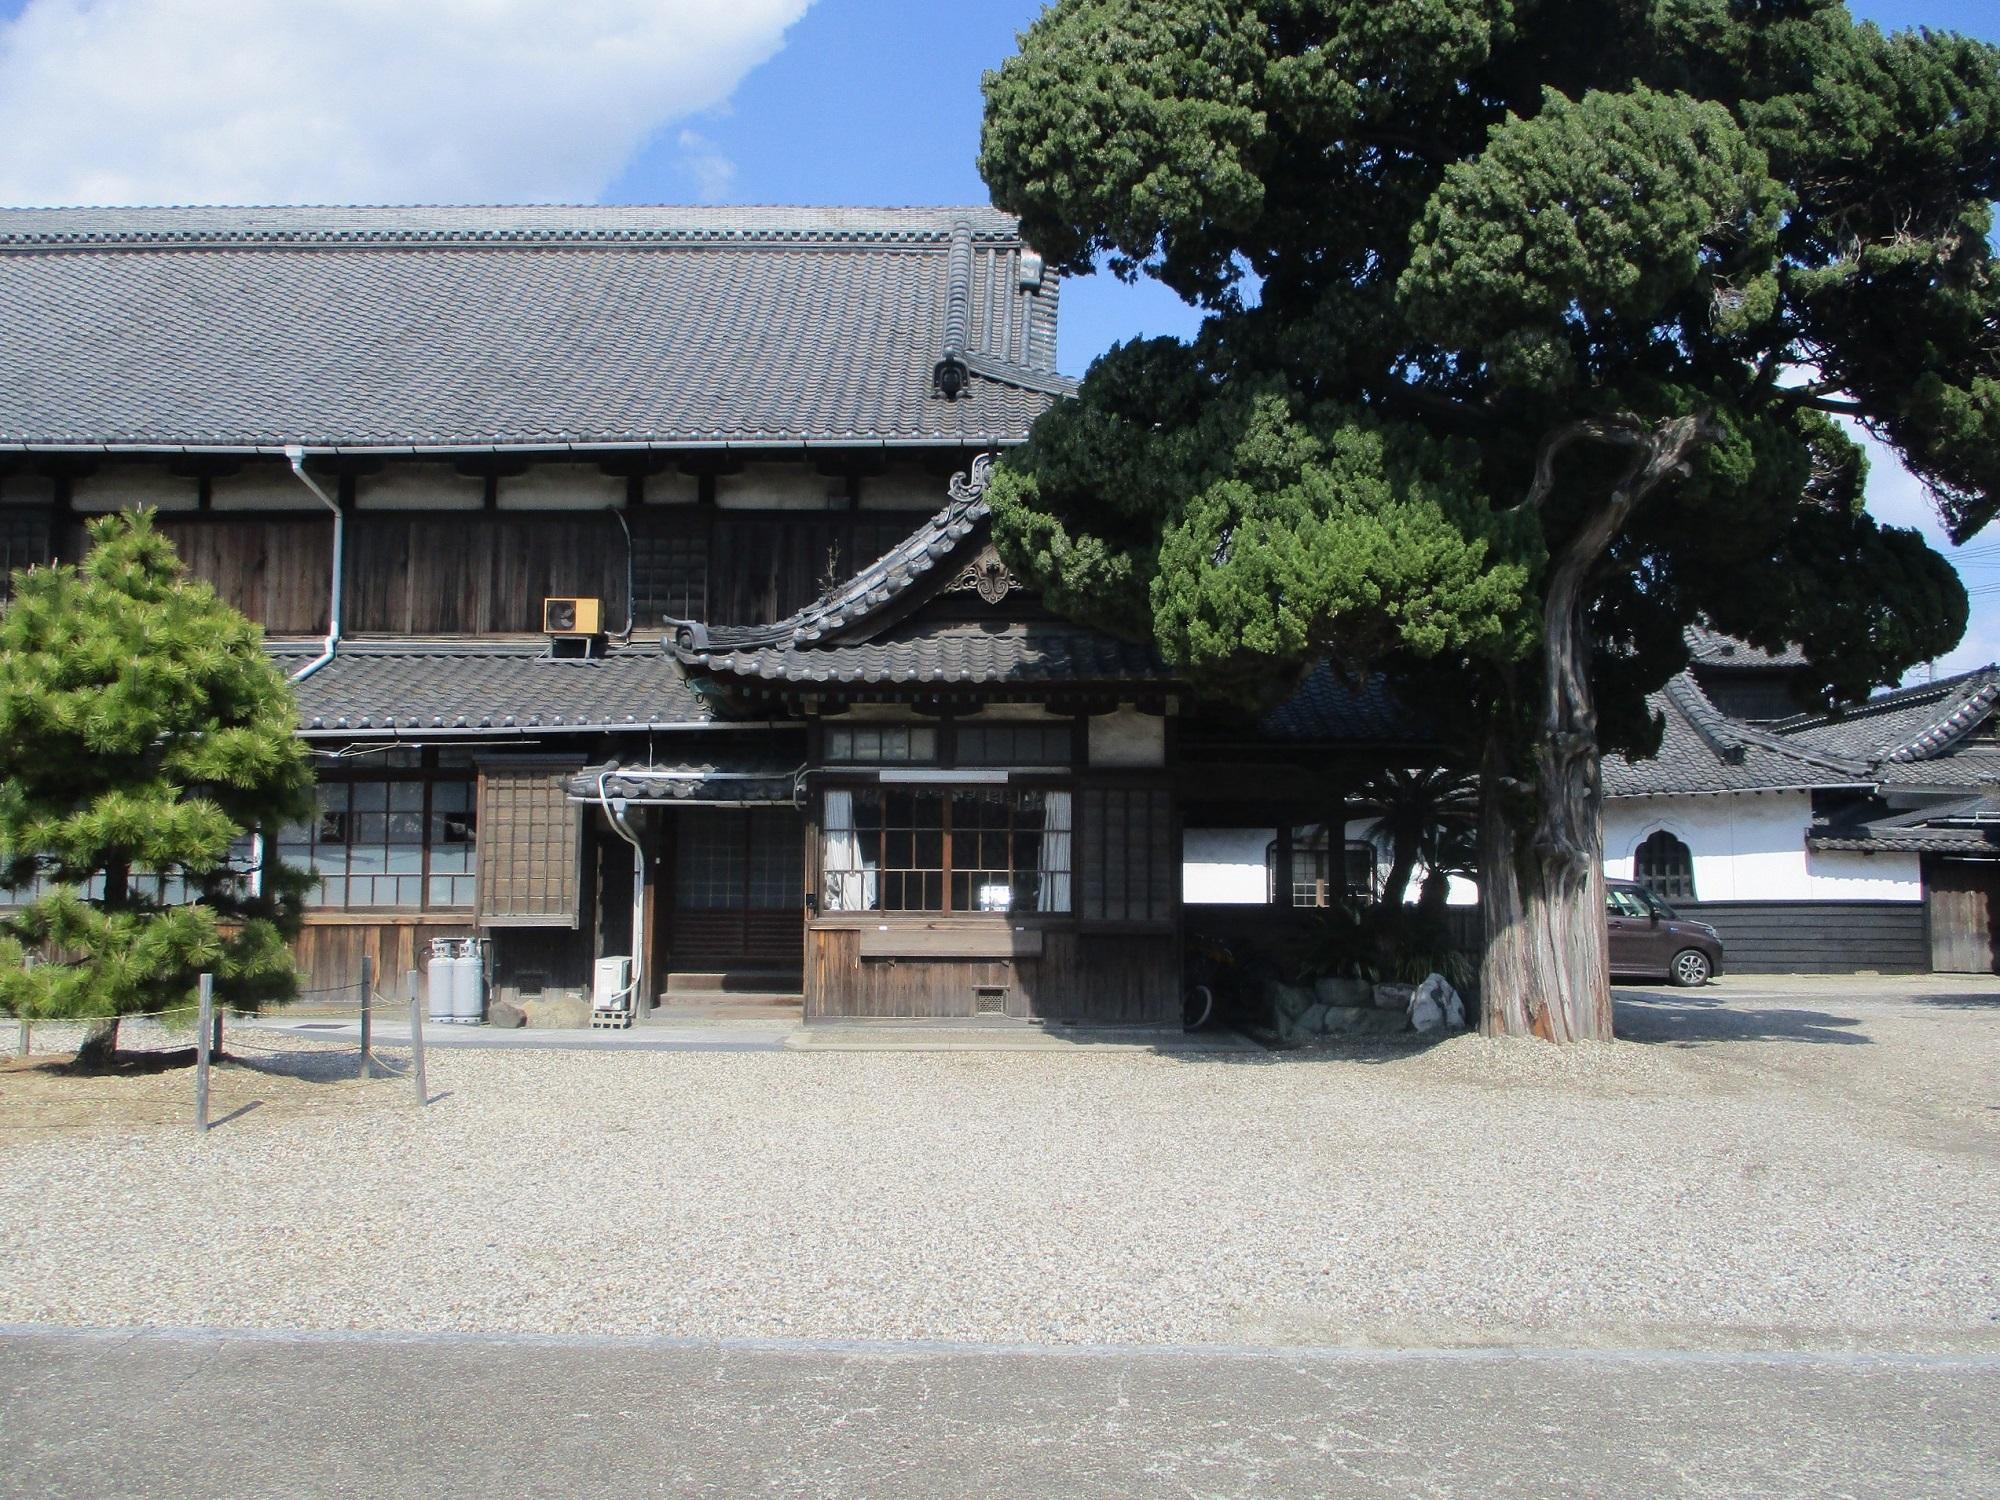 2020.3.15 (4) 西方寺 - おくり 2000-1500